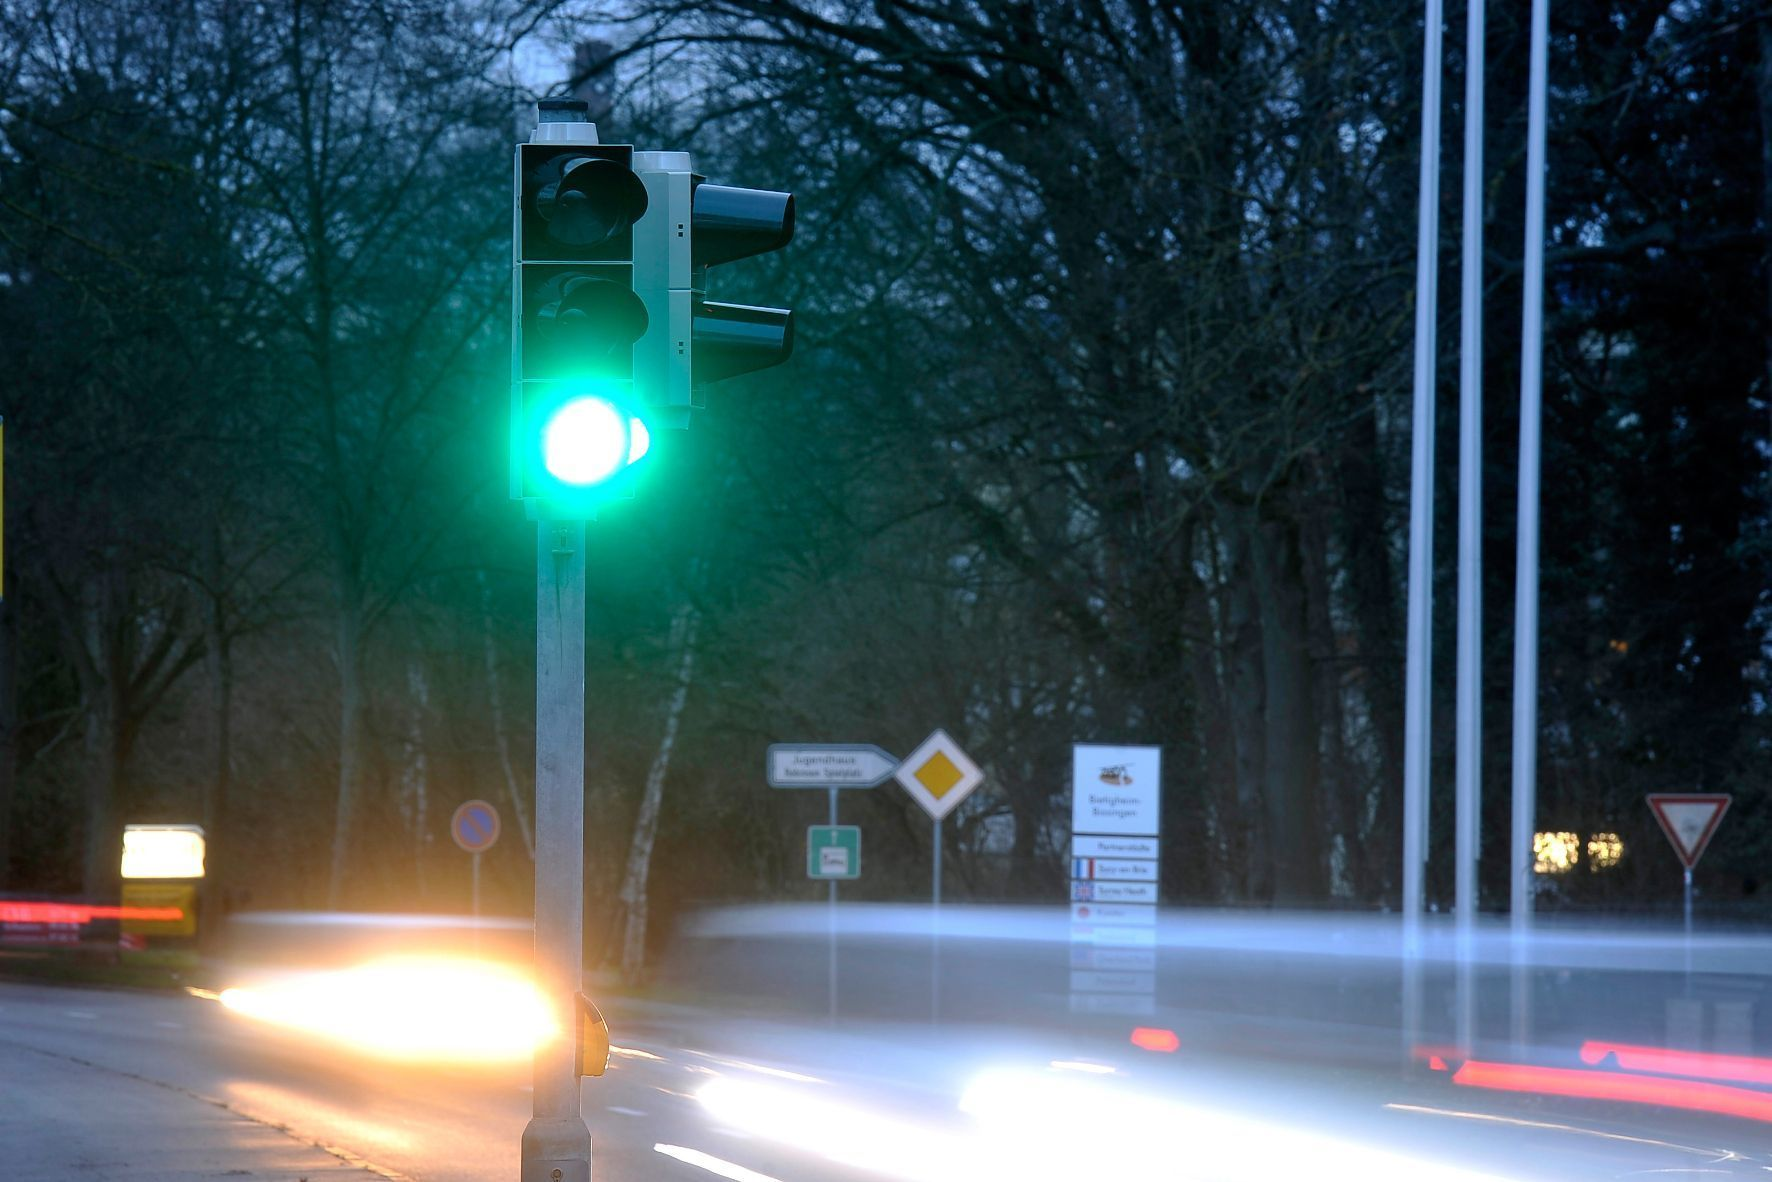 mid Groß-Gerau - Grüne Welle: Siemens hat jetzt Verkehrsleuchten entwickelt, die deutlich weniger Energie verbrauchen sollen als herkömmliche Anlagen.